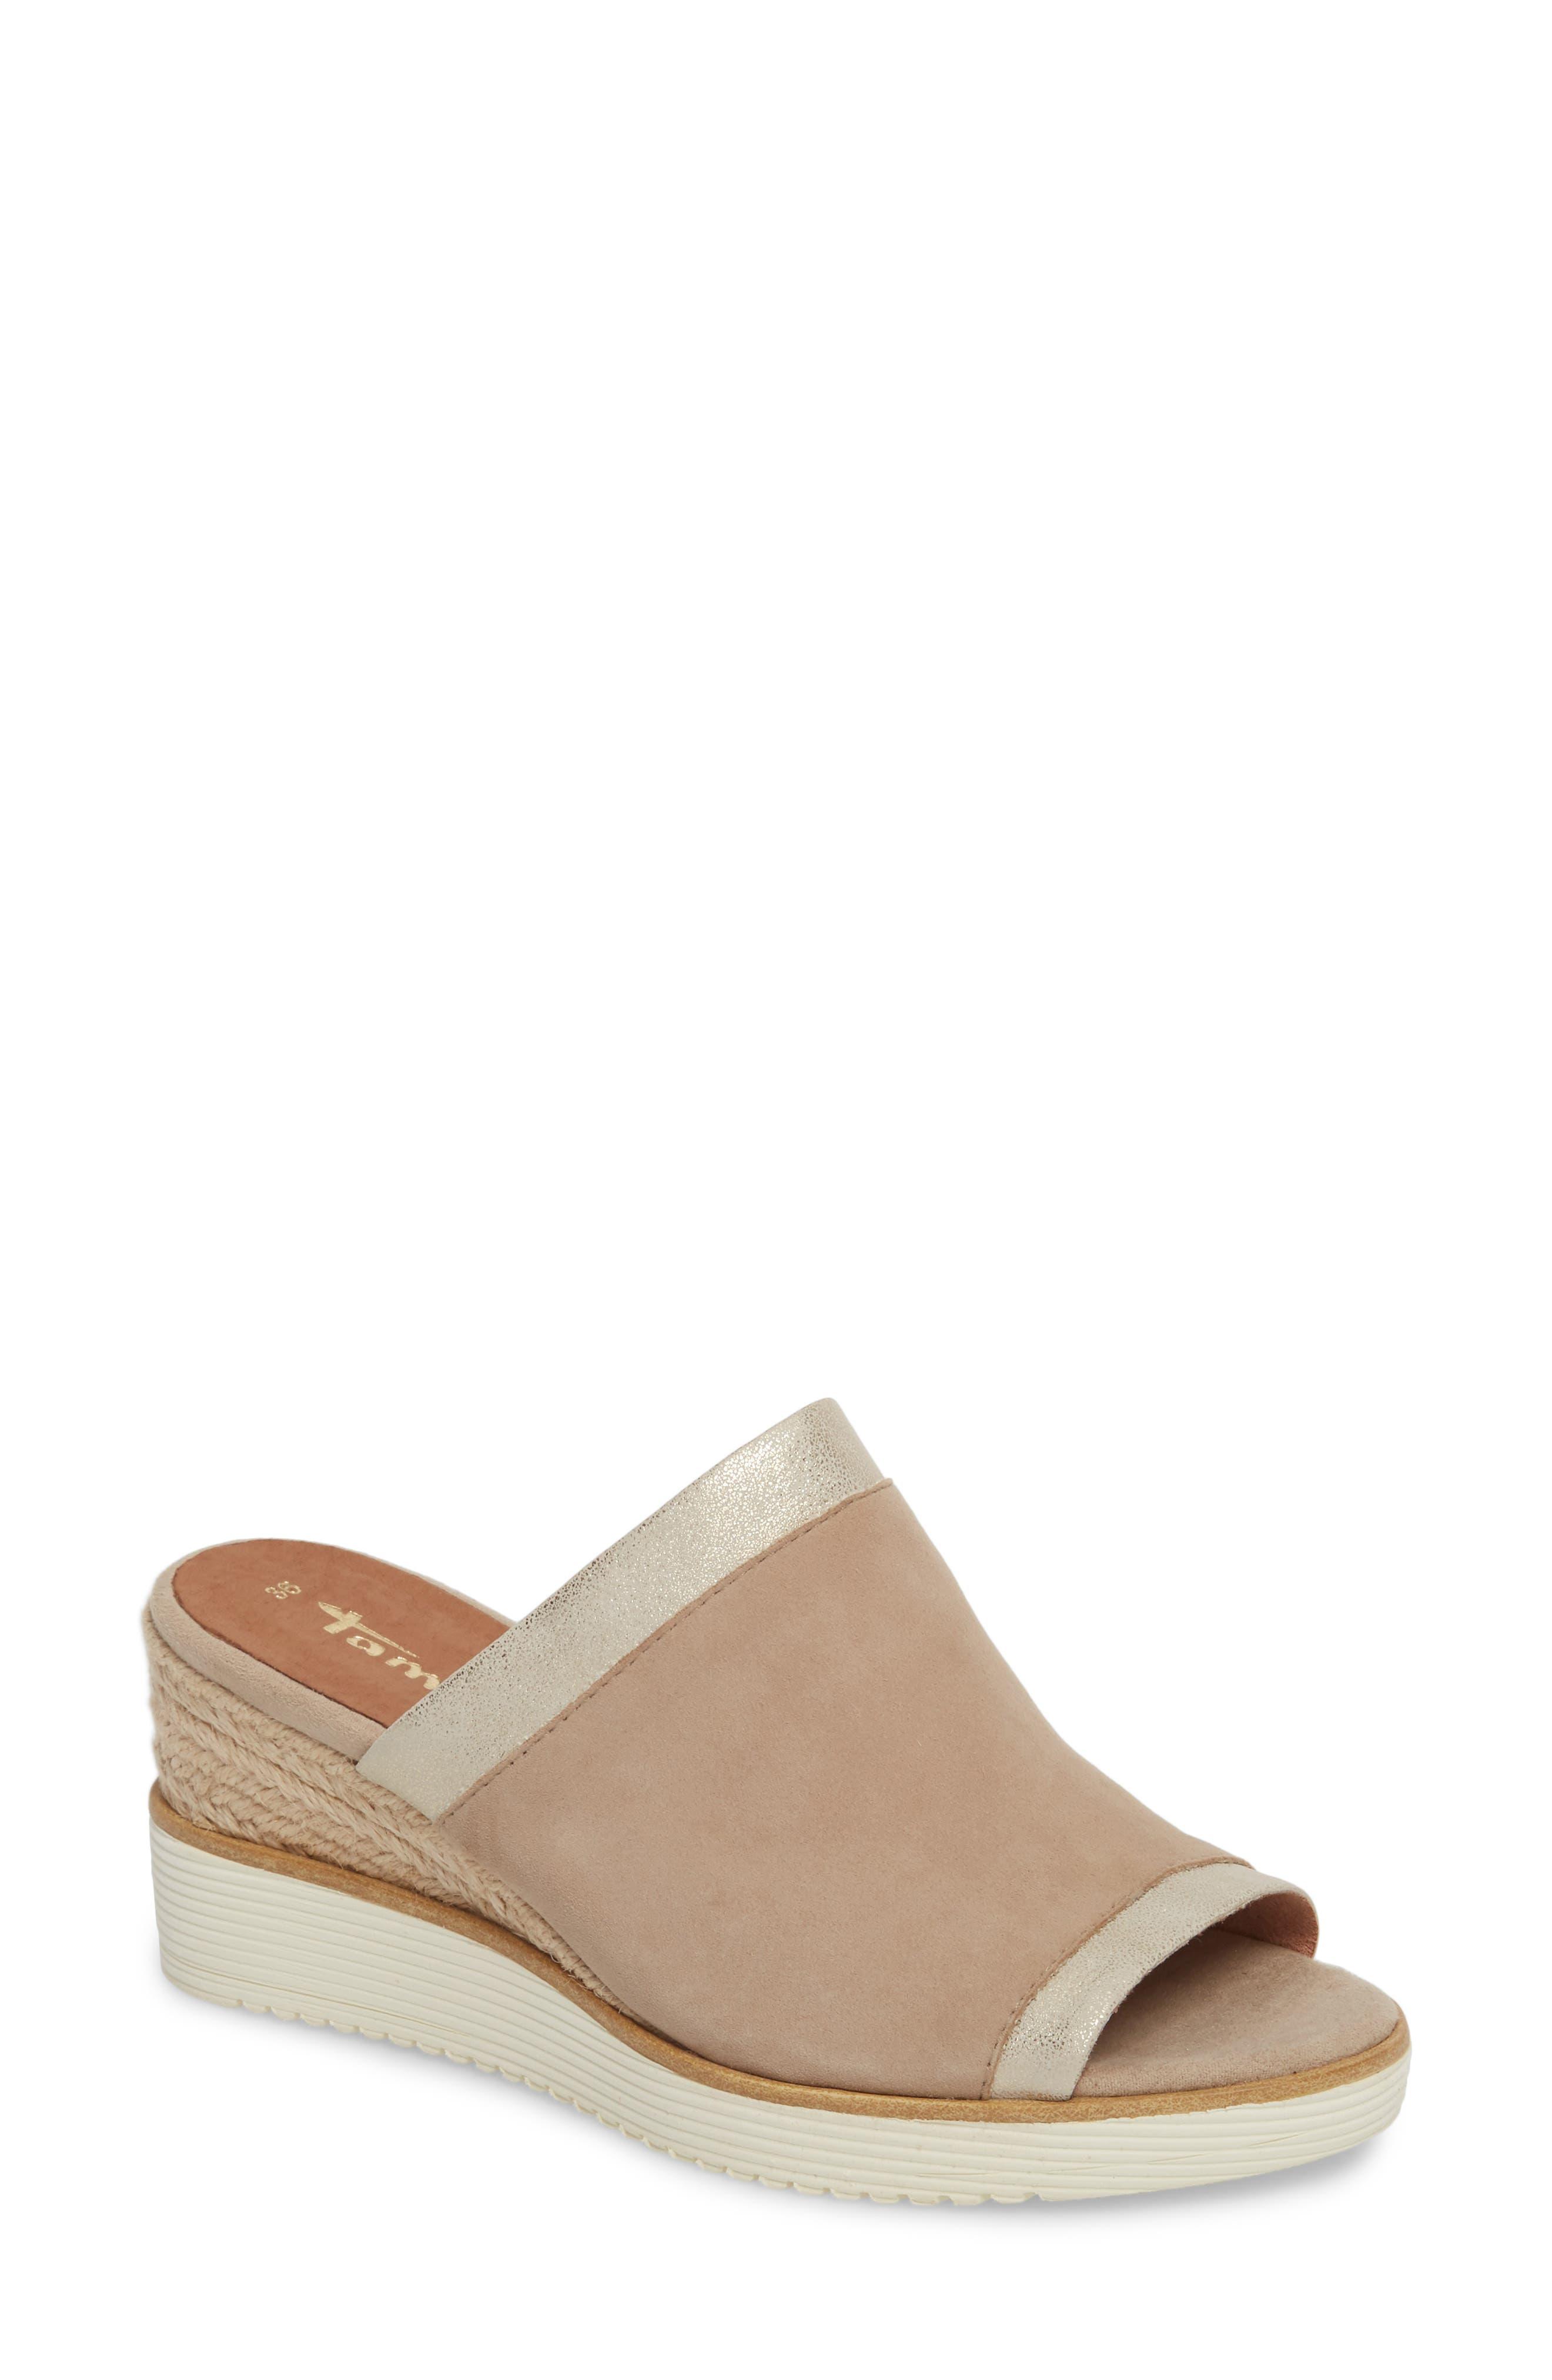 Alis Wedge Sandal,                         Main,                         color, 255